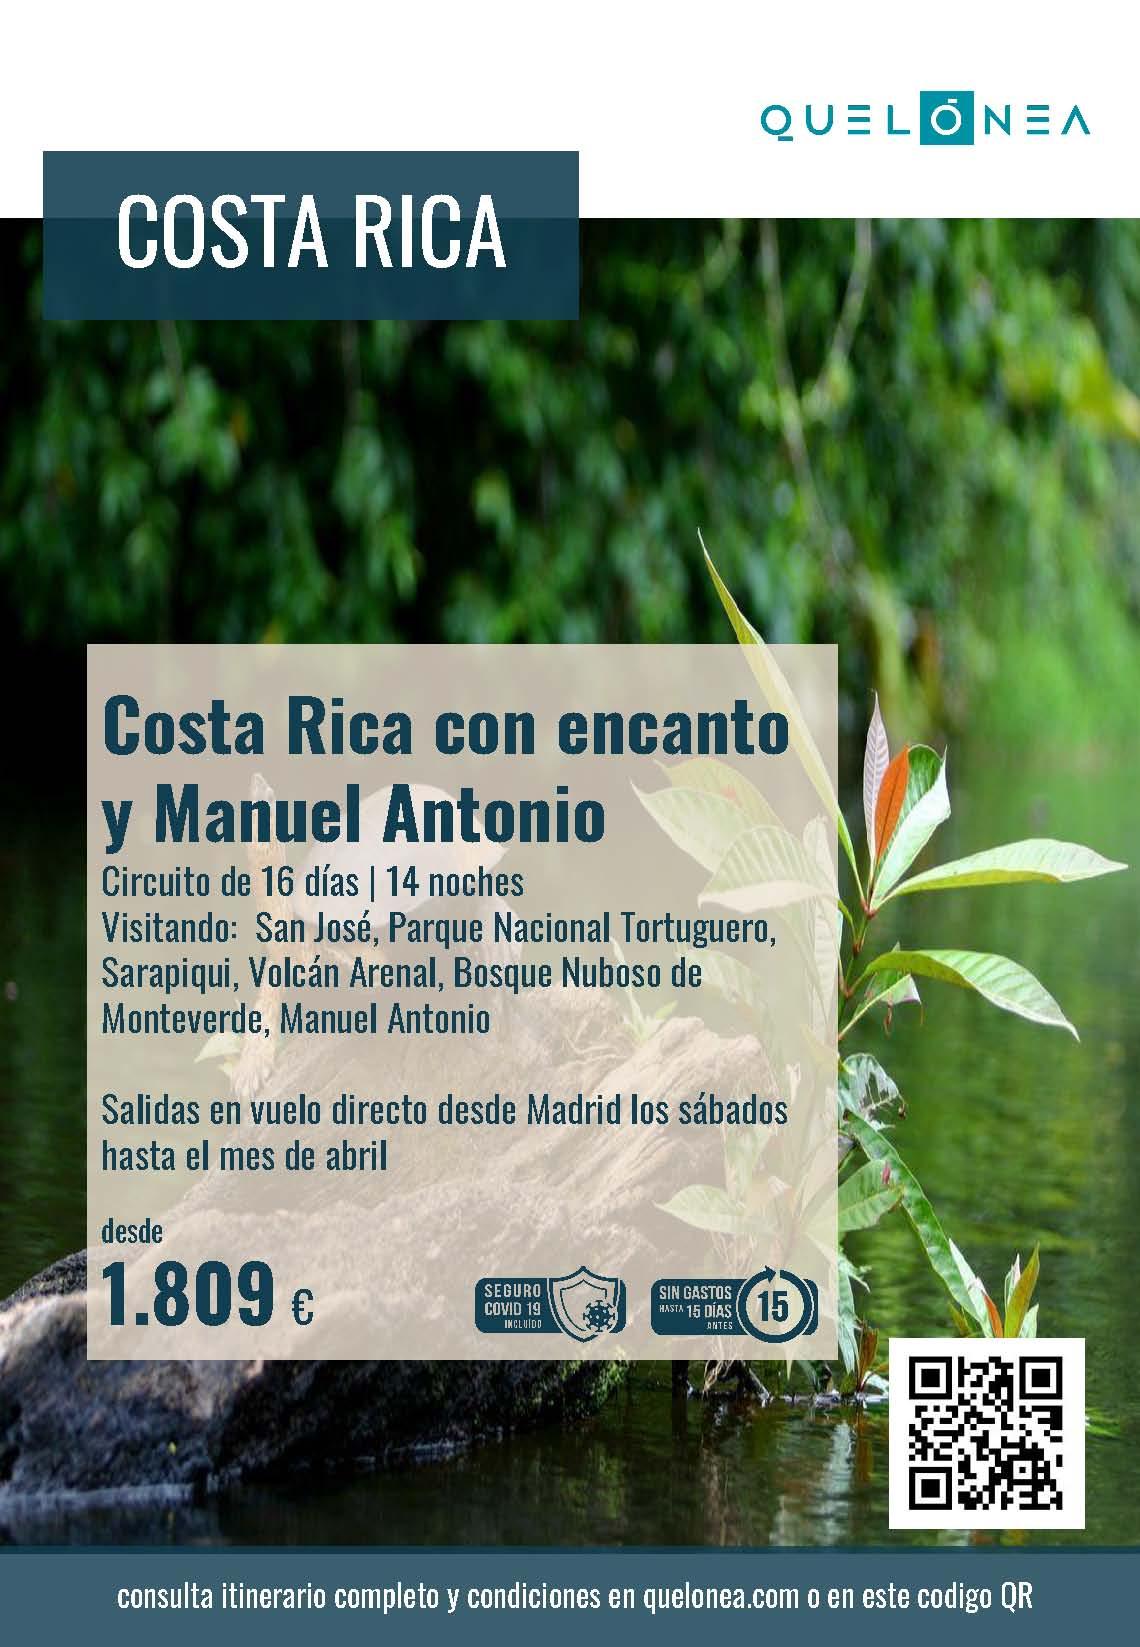 Ofertas Quelonea Costa Rica con Encanto y Manuel Antonio 2021-2022 vuelo directo desde Madrid